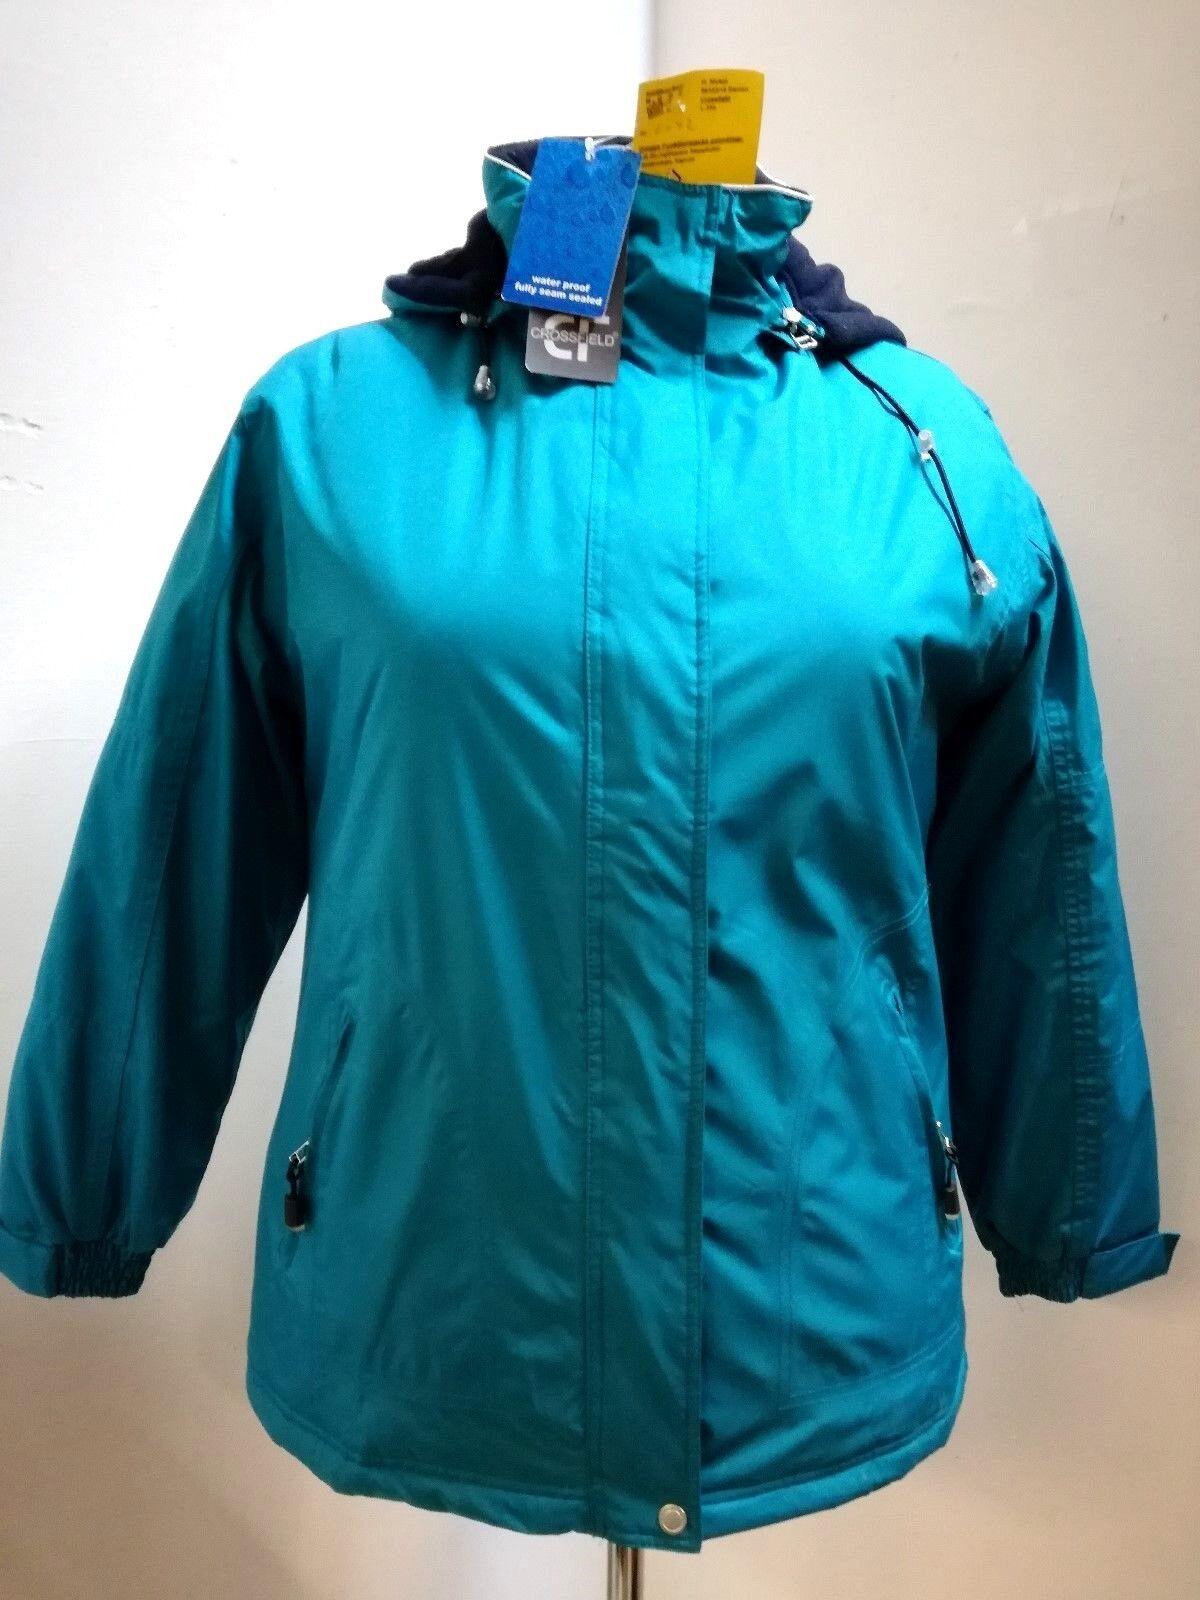 Damen-Jacke petrol marine 42, Steppfutter, Kapuze abnehmbar, 4 Taschen, 30° Wä